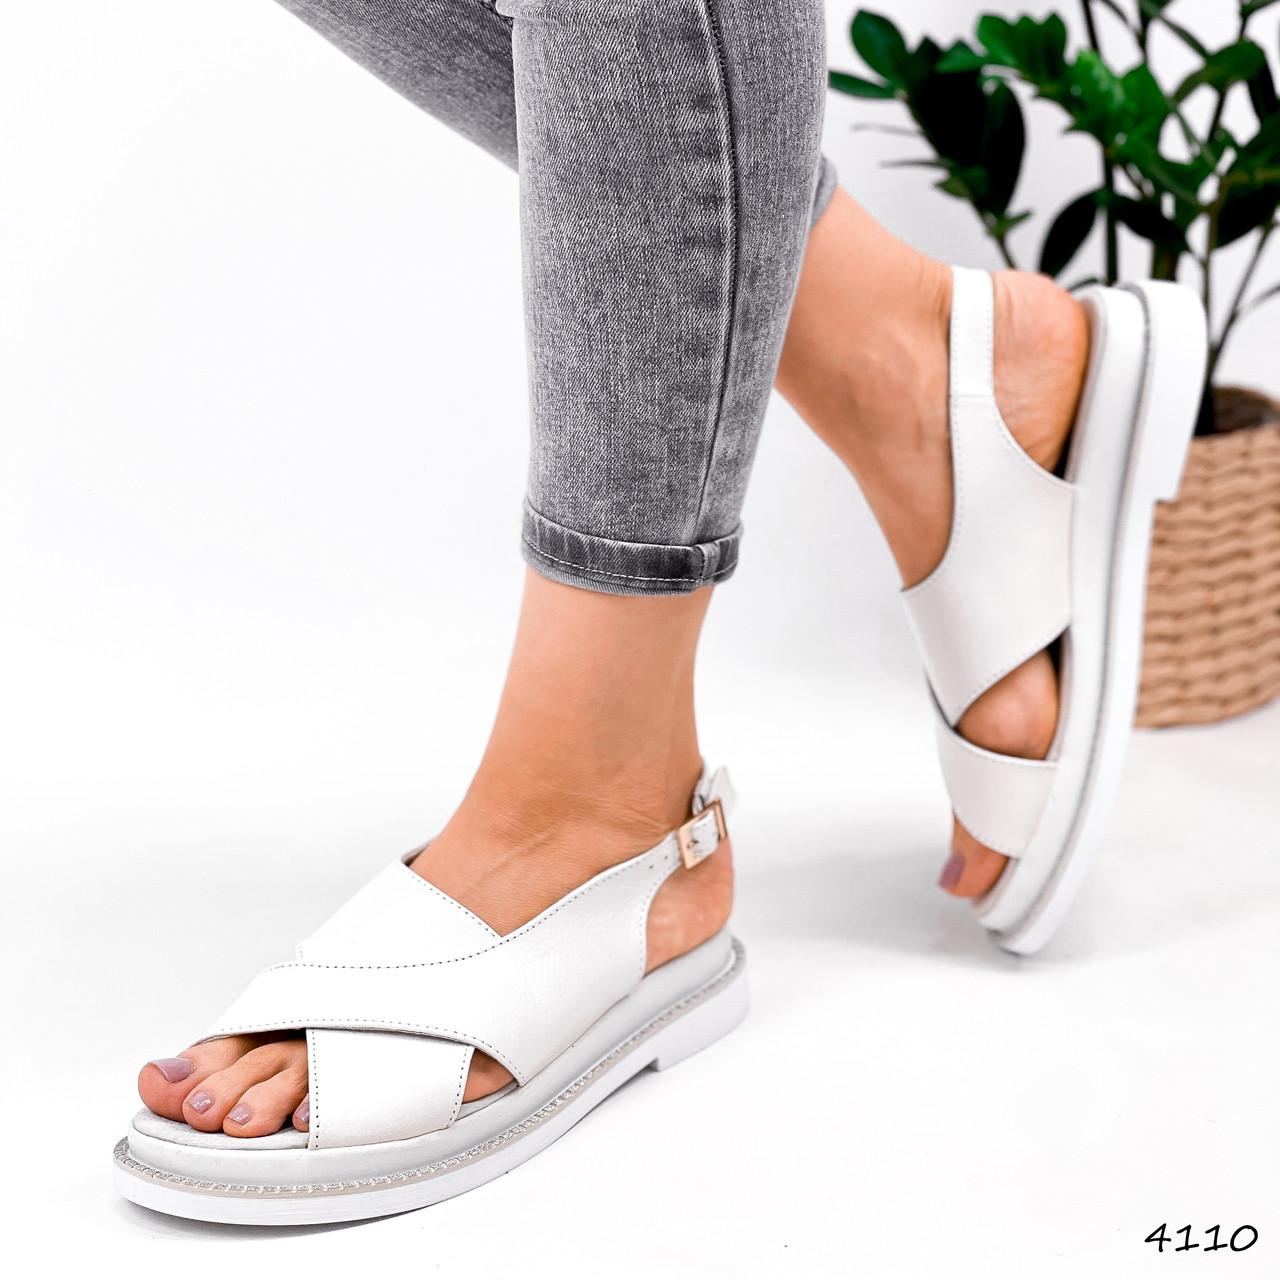 Босоніжки жіночі Fix білі 4110